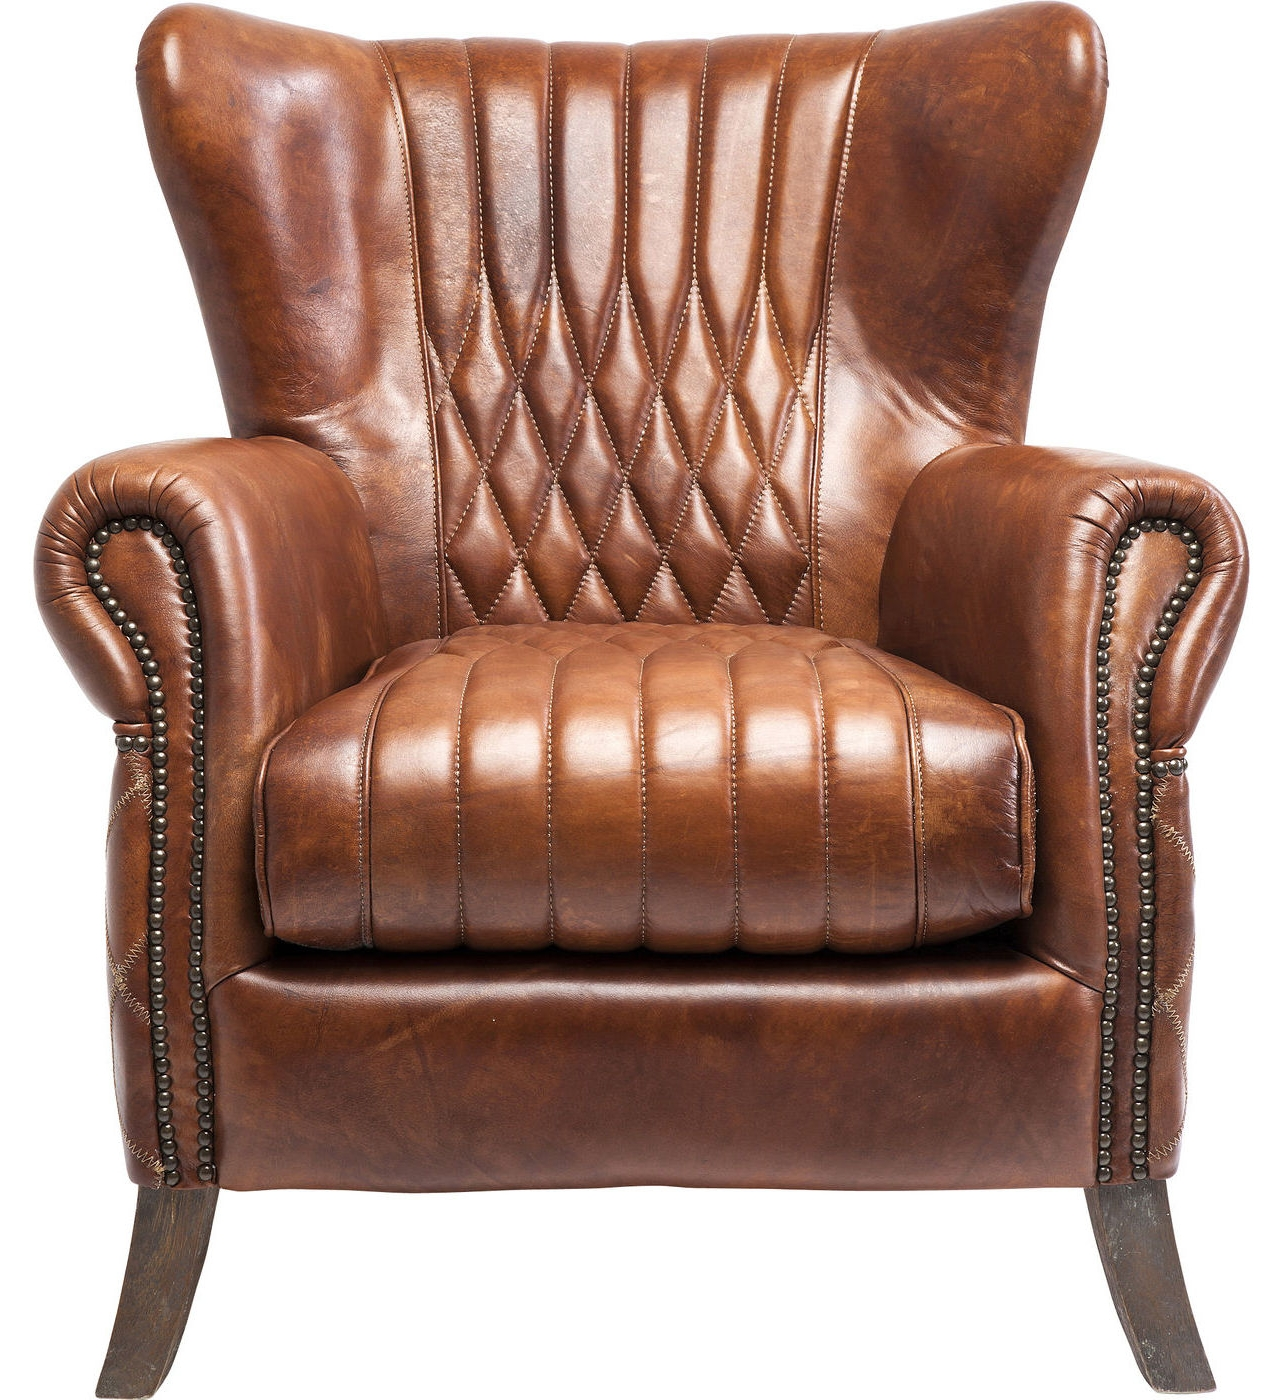 Kare design fauteuil kopen online internetwinkel - Deco loungeeetkamer ...